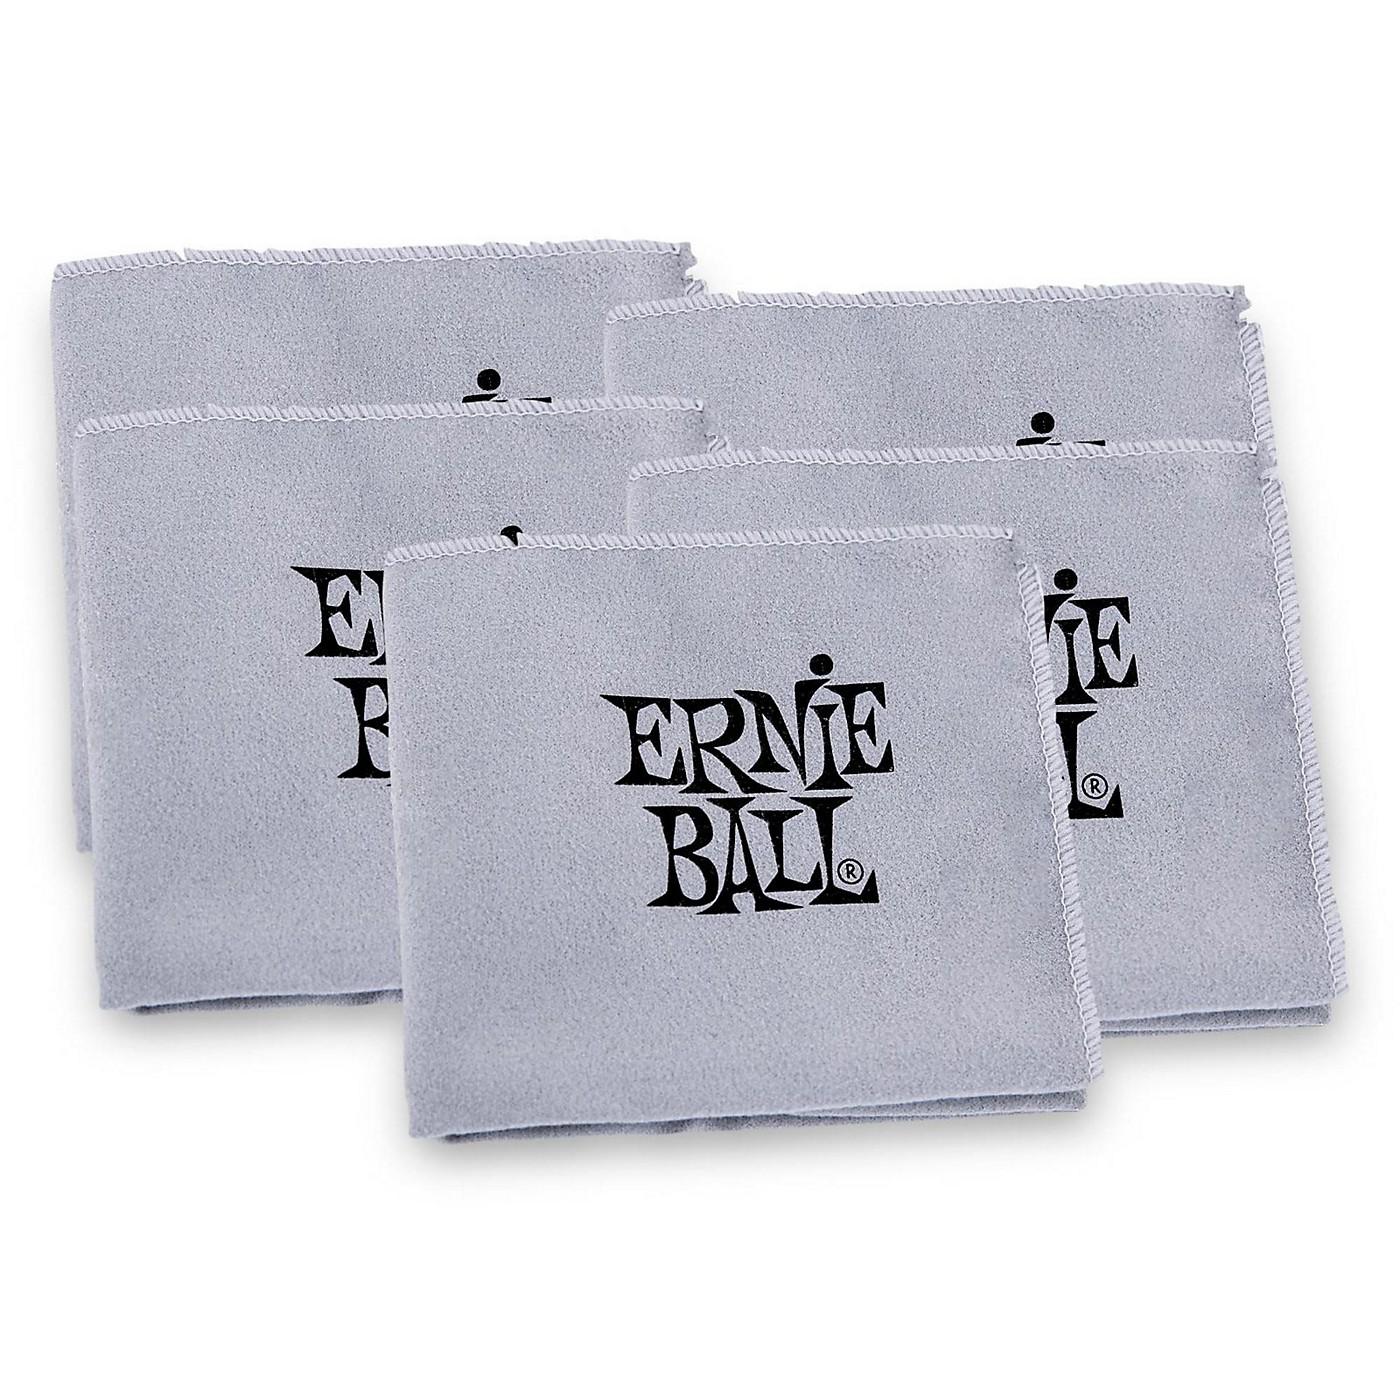 Ernie Ball Polish Cloth (5 Pack) thumbnail